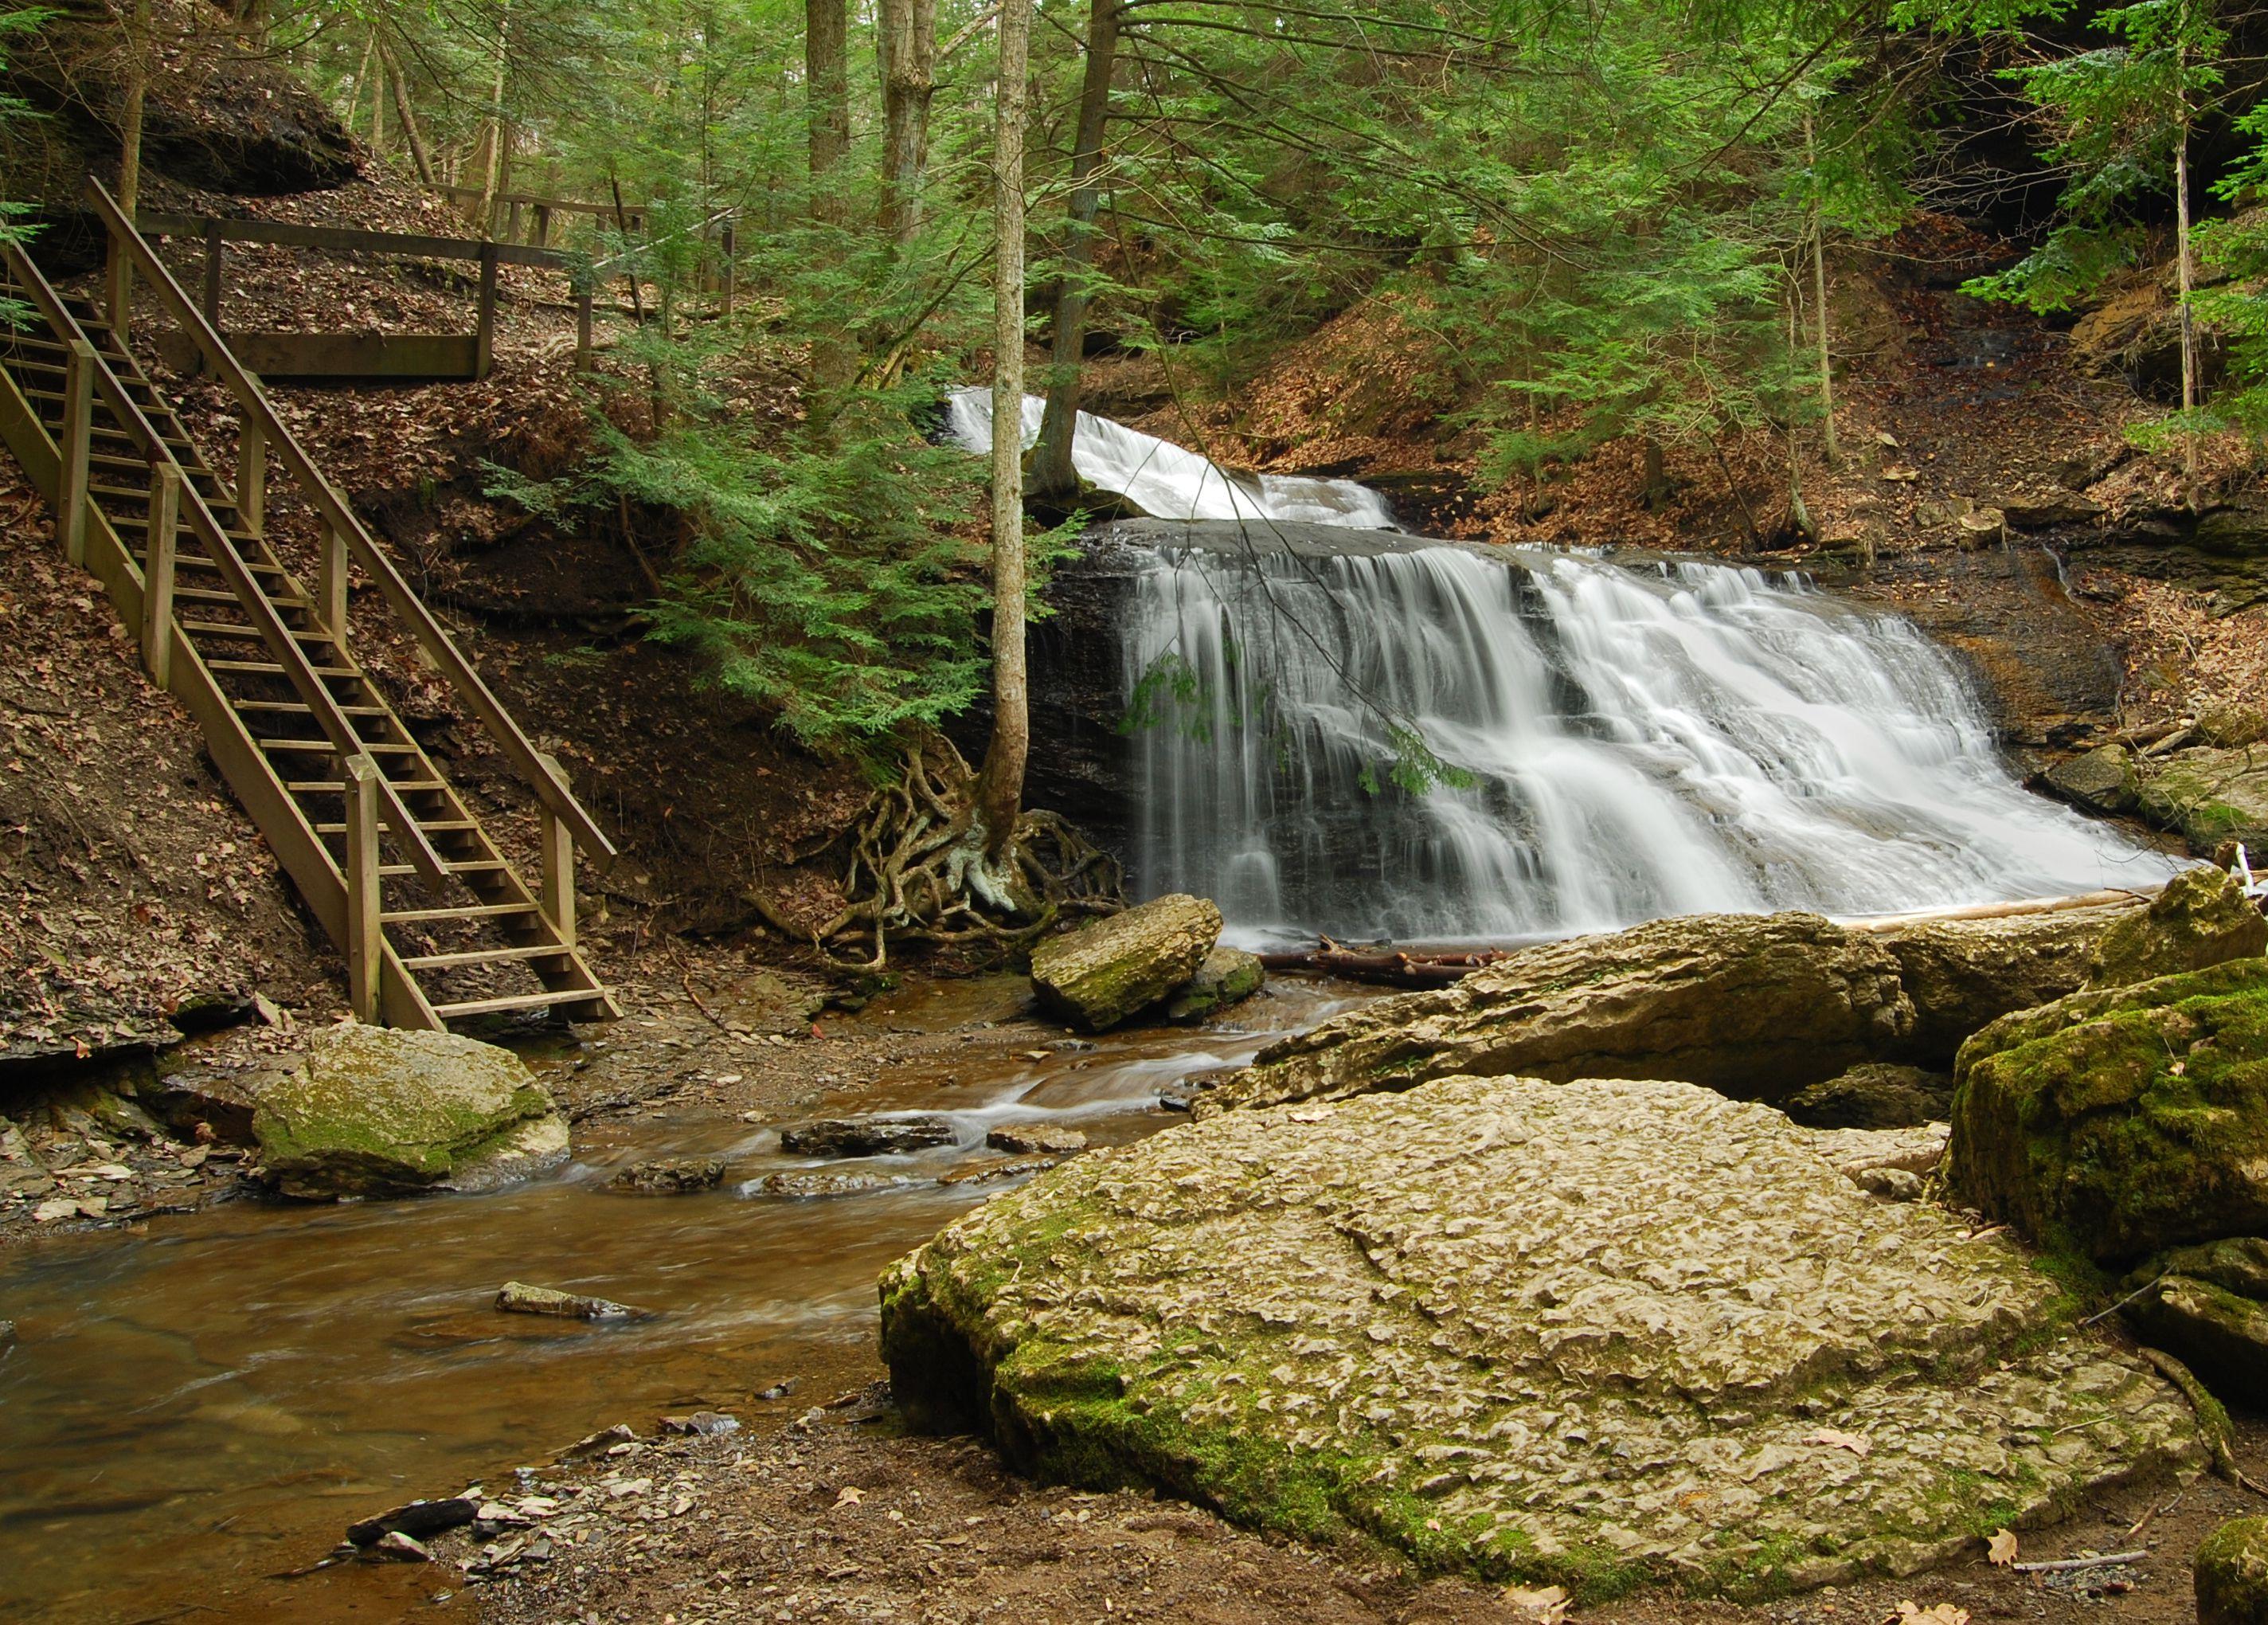 Slippery Rock Creek in Western Pennsylvania